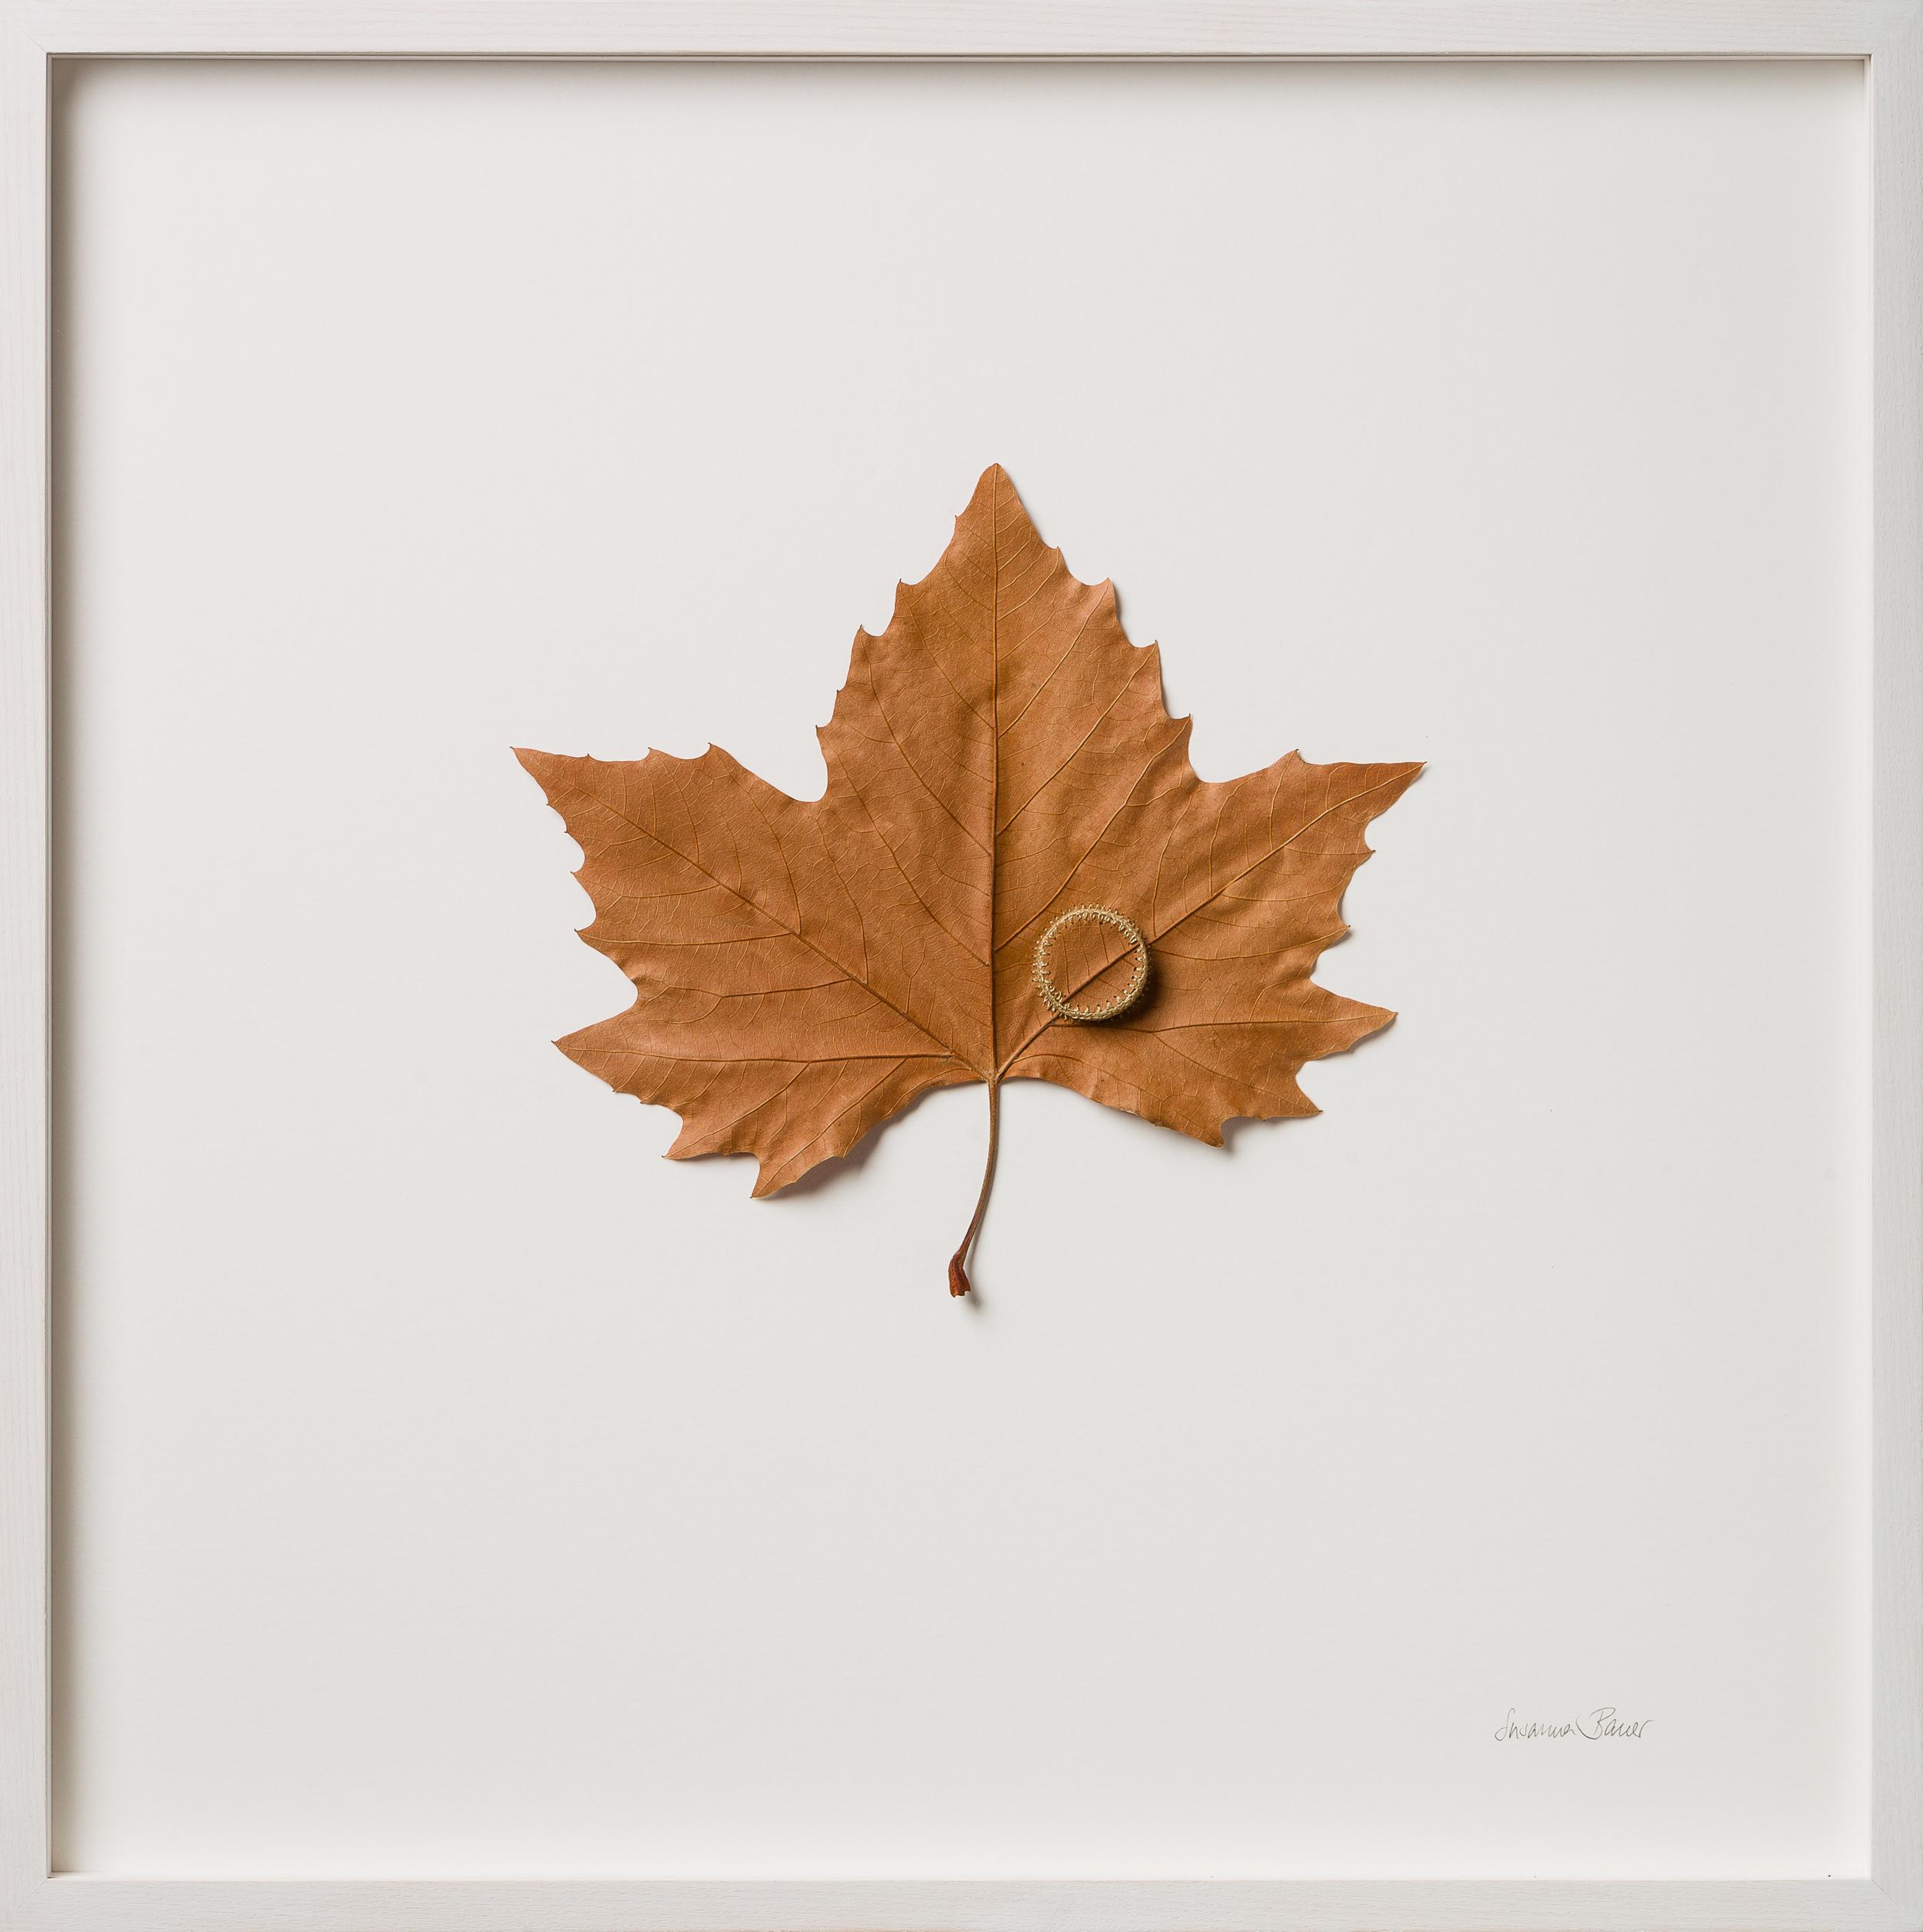 Heart   52 H x 52 W cm  platanus leaf, cotton yarn  £ 750